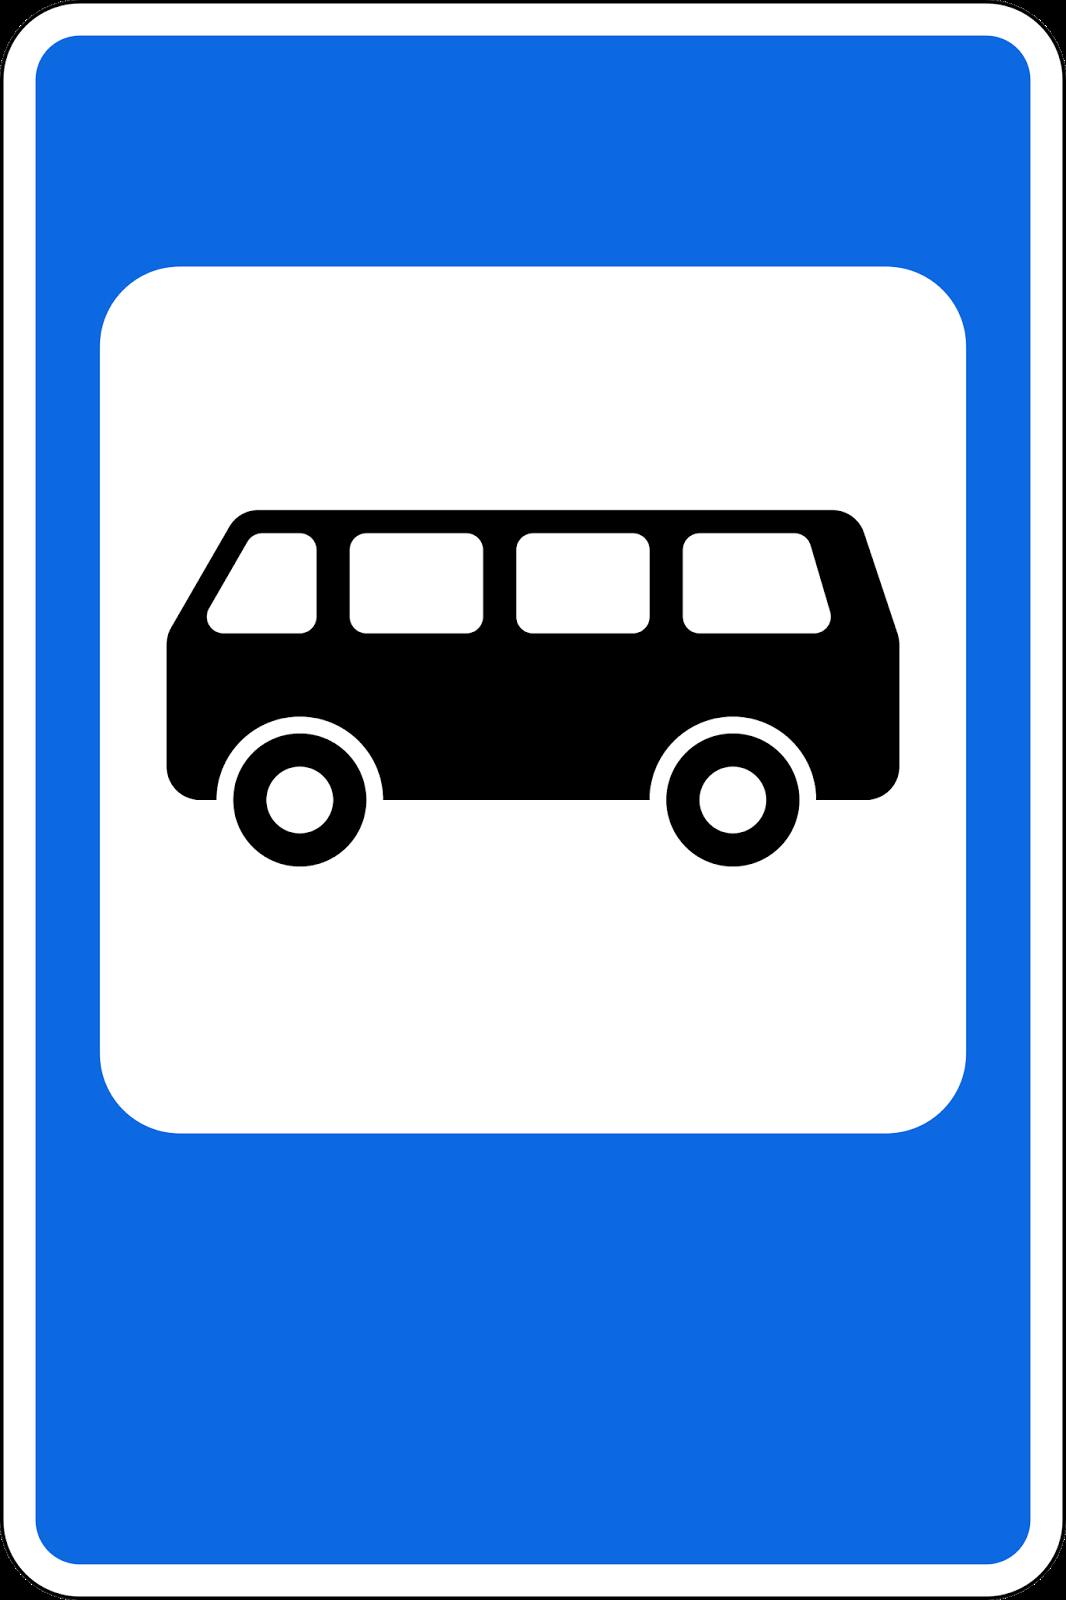 Дорожные знаки картинки для детей детского сада 14